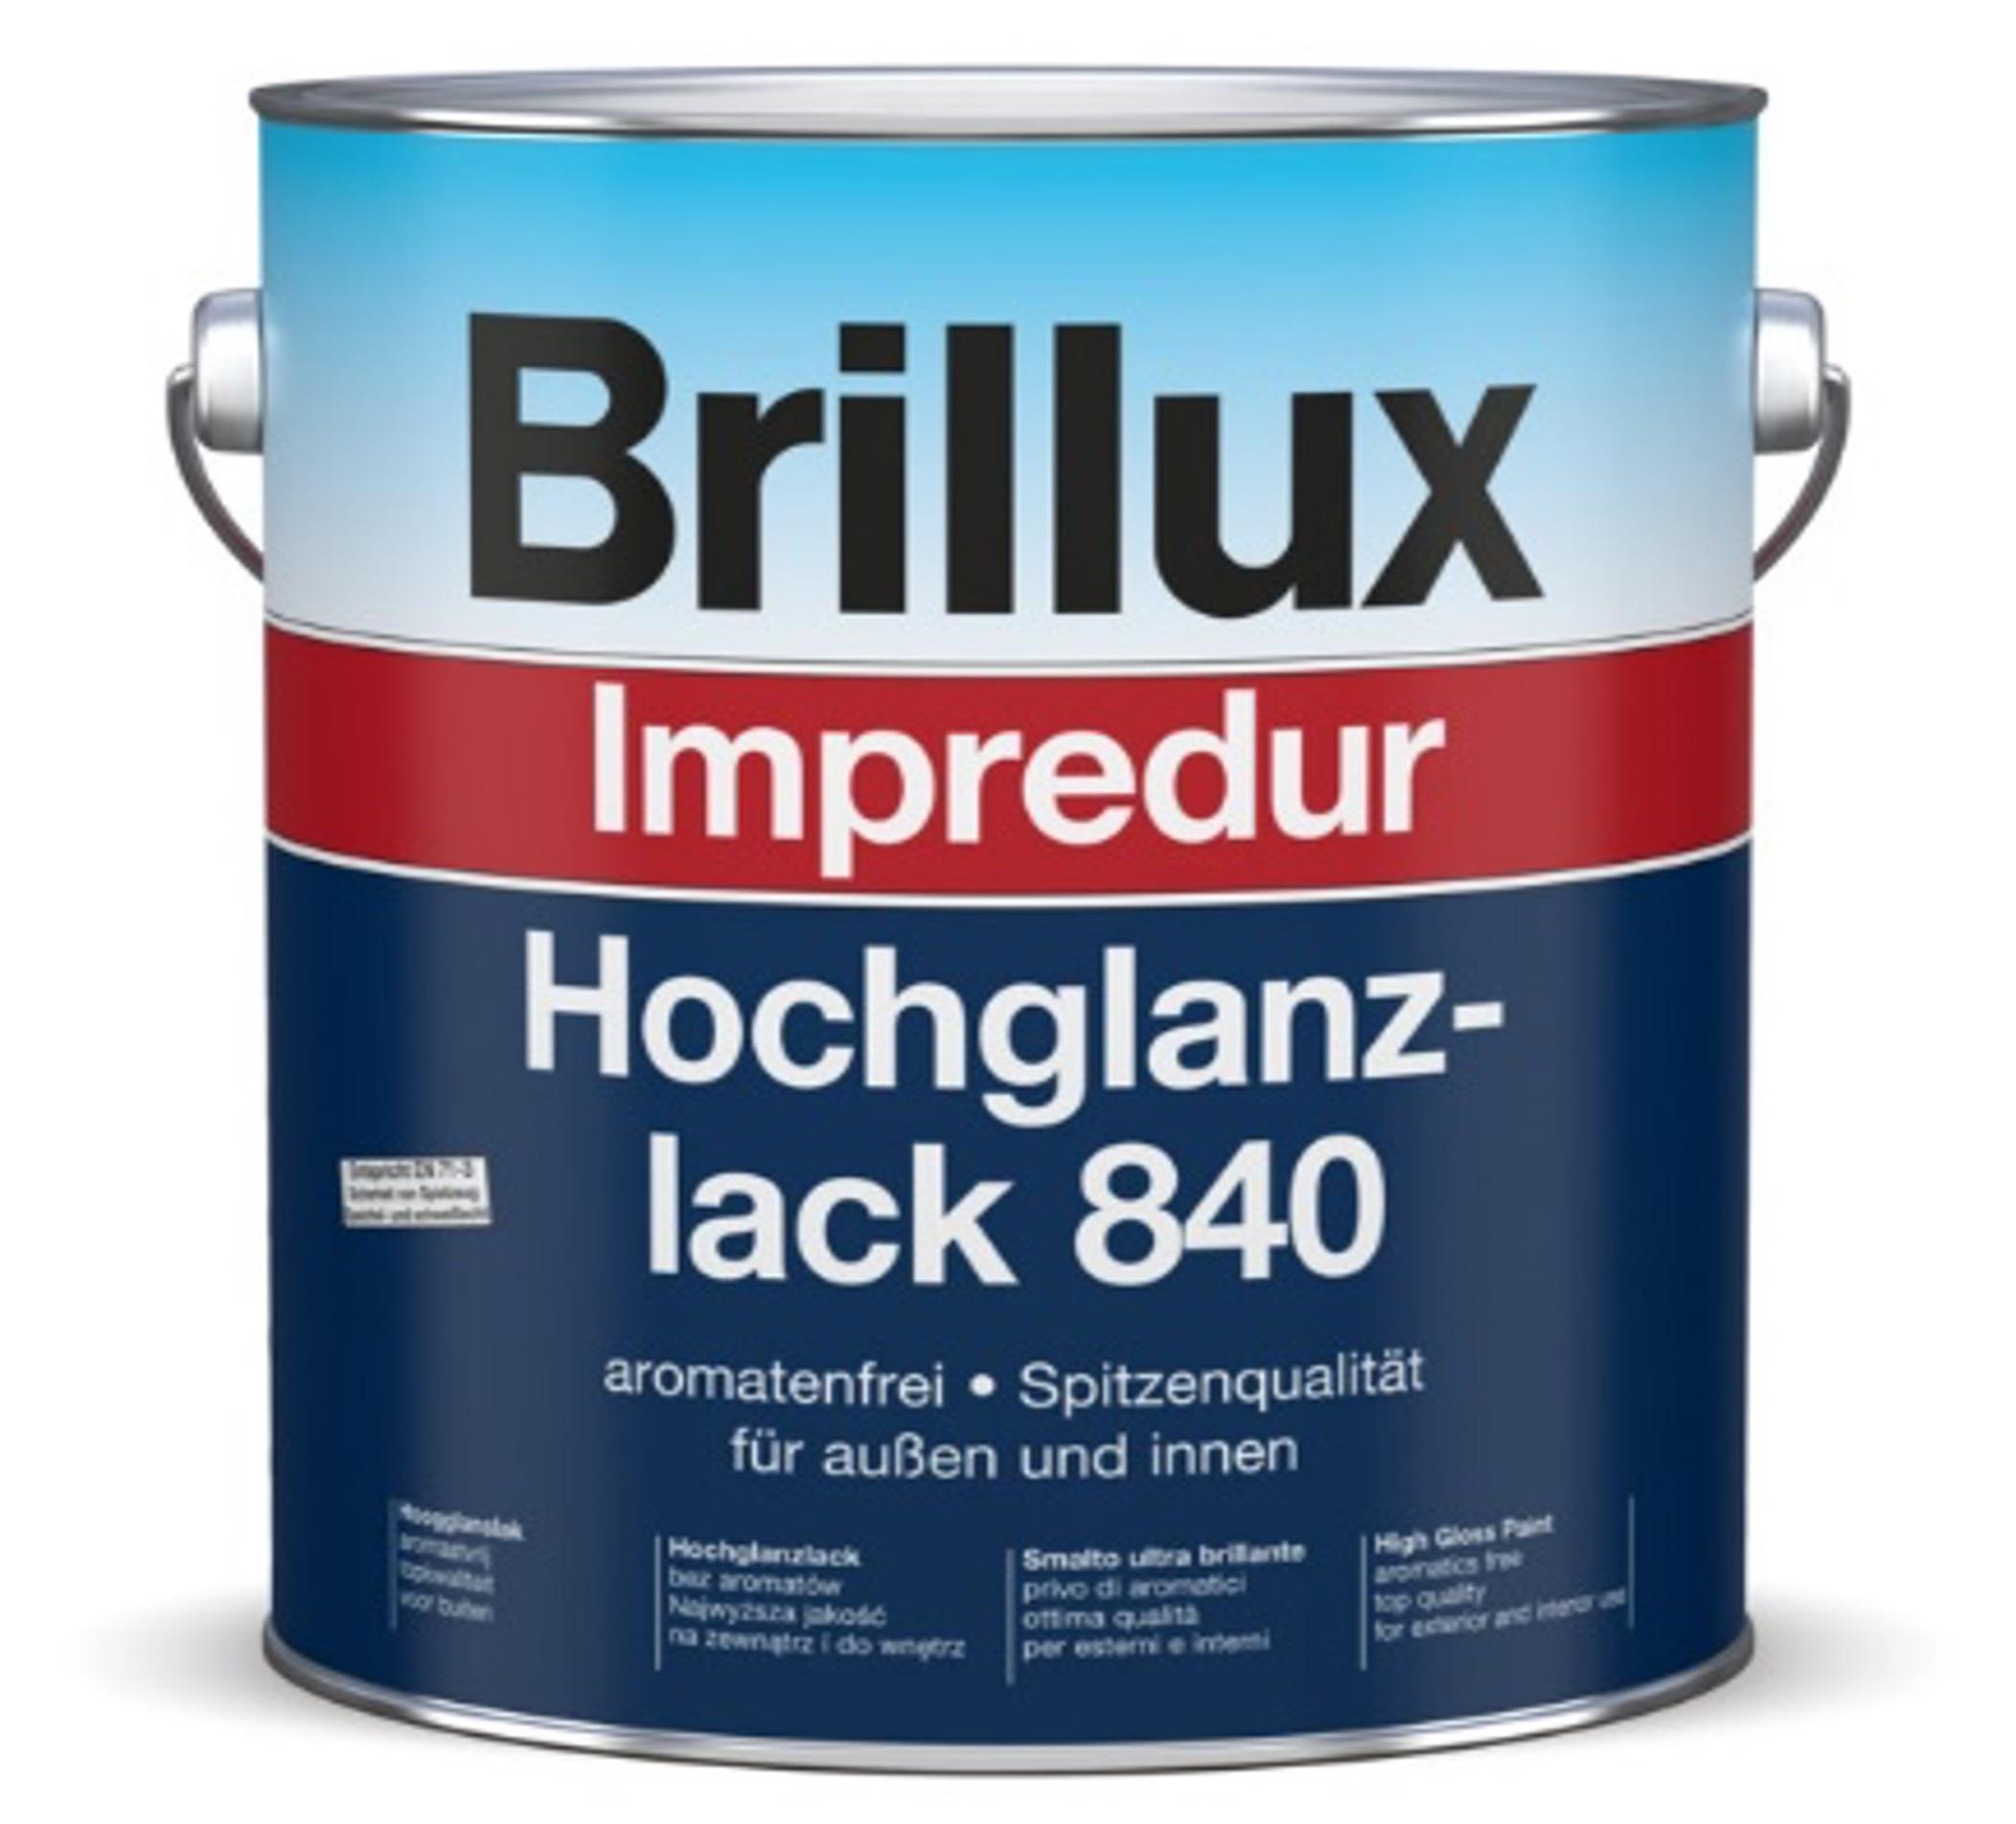 Brillux Impredur Hochglanzlack 840 für Hochwertige Lackierungen Image